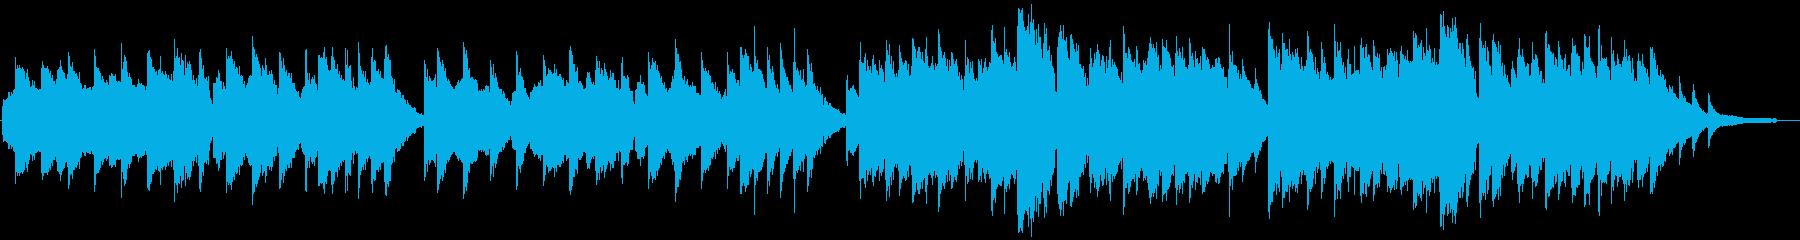 ヴァイオリンとピアノによる『蛍の光』の再生済みの波形